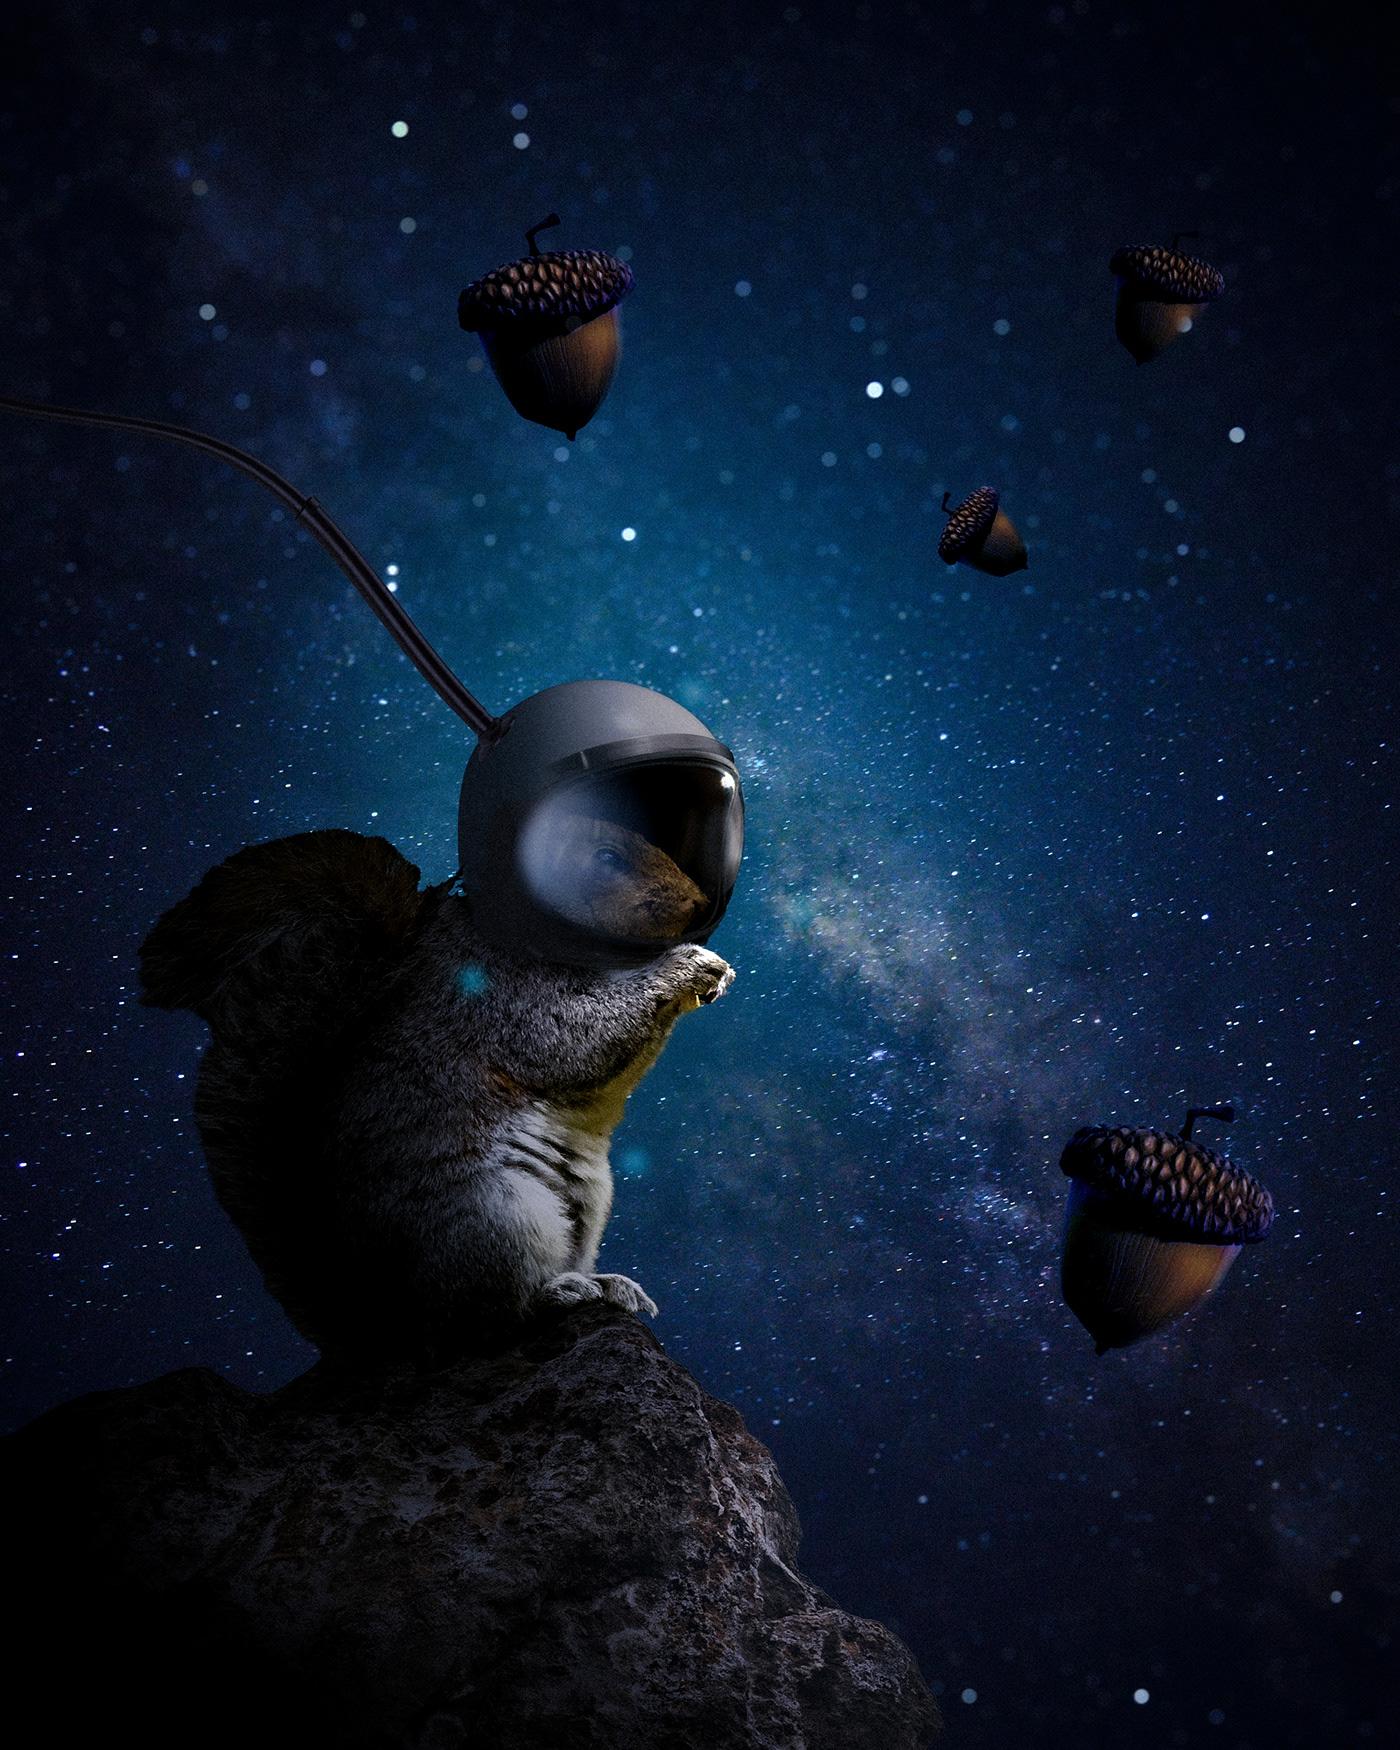 fantasy image Photo Manipulation  photoshop poster